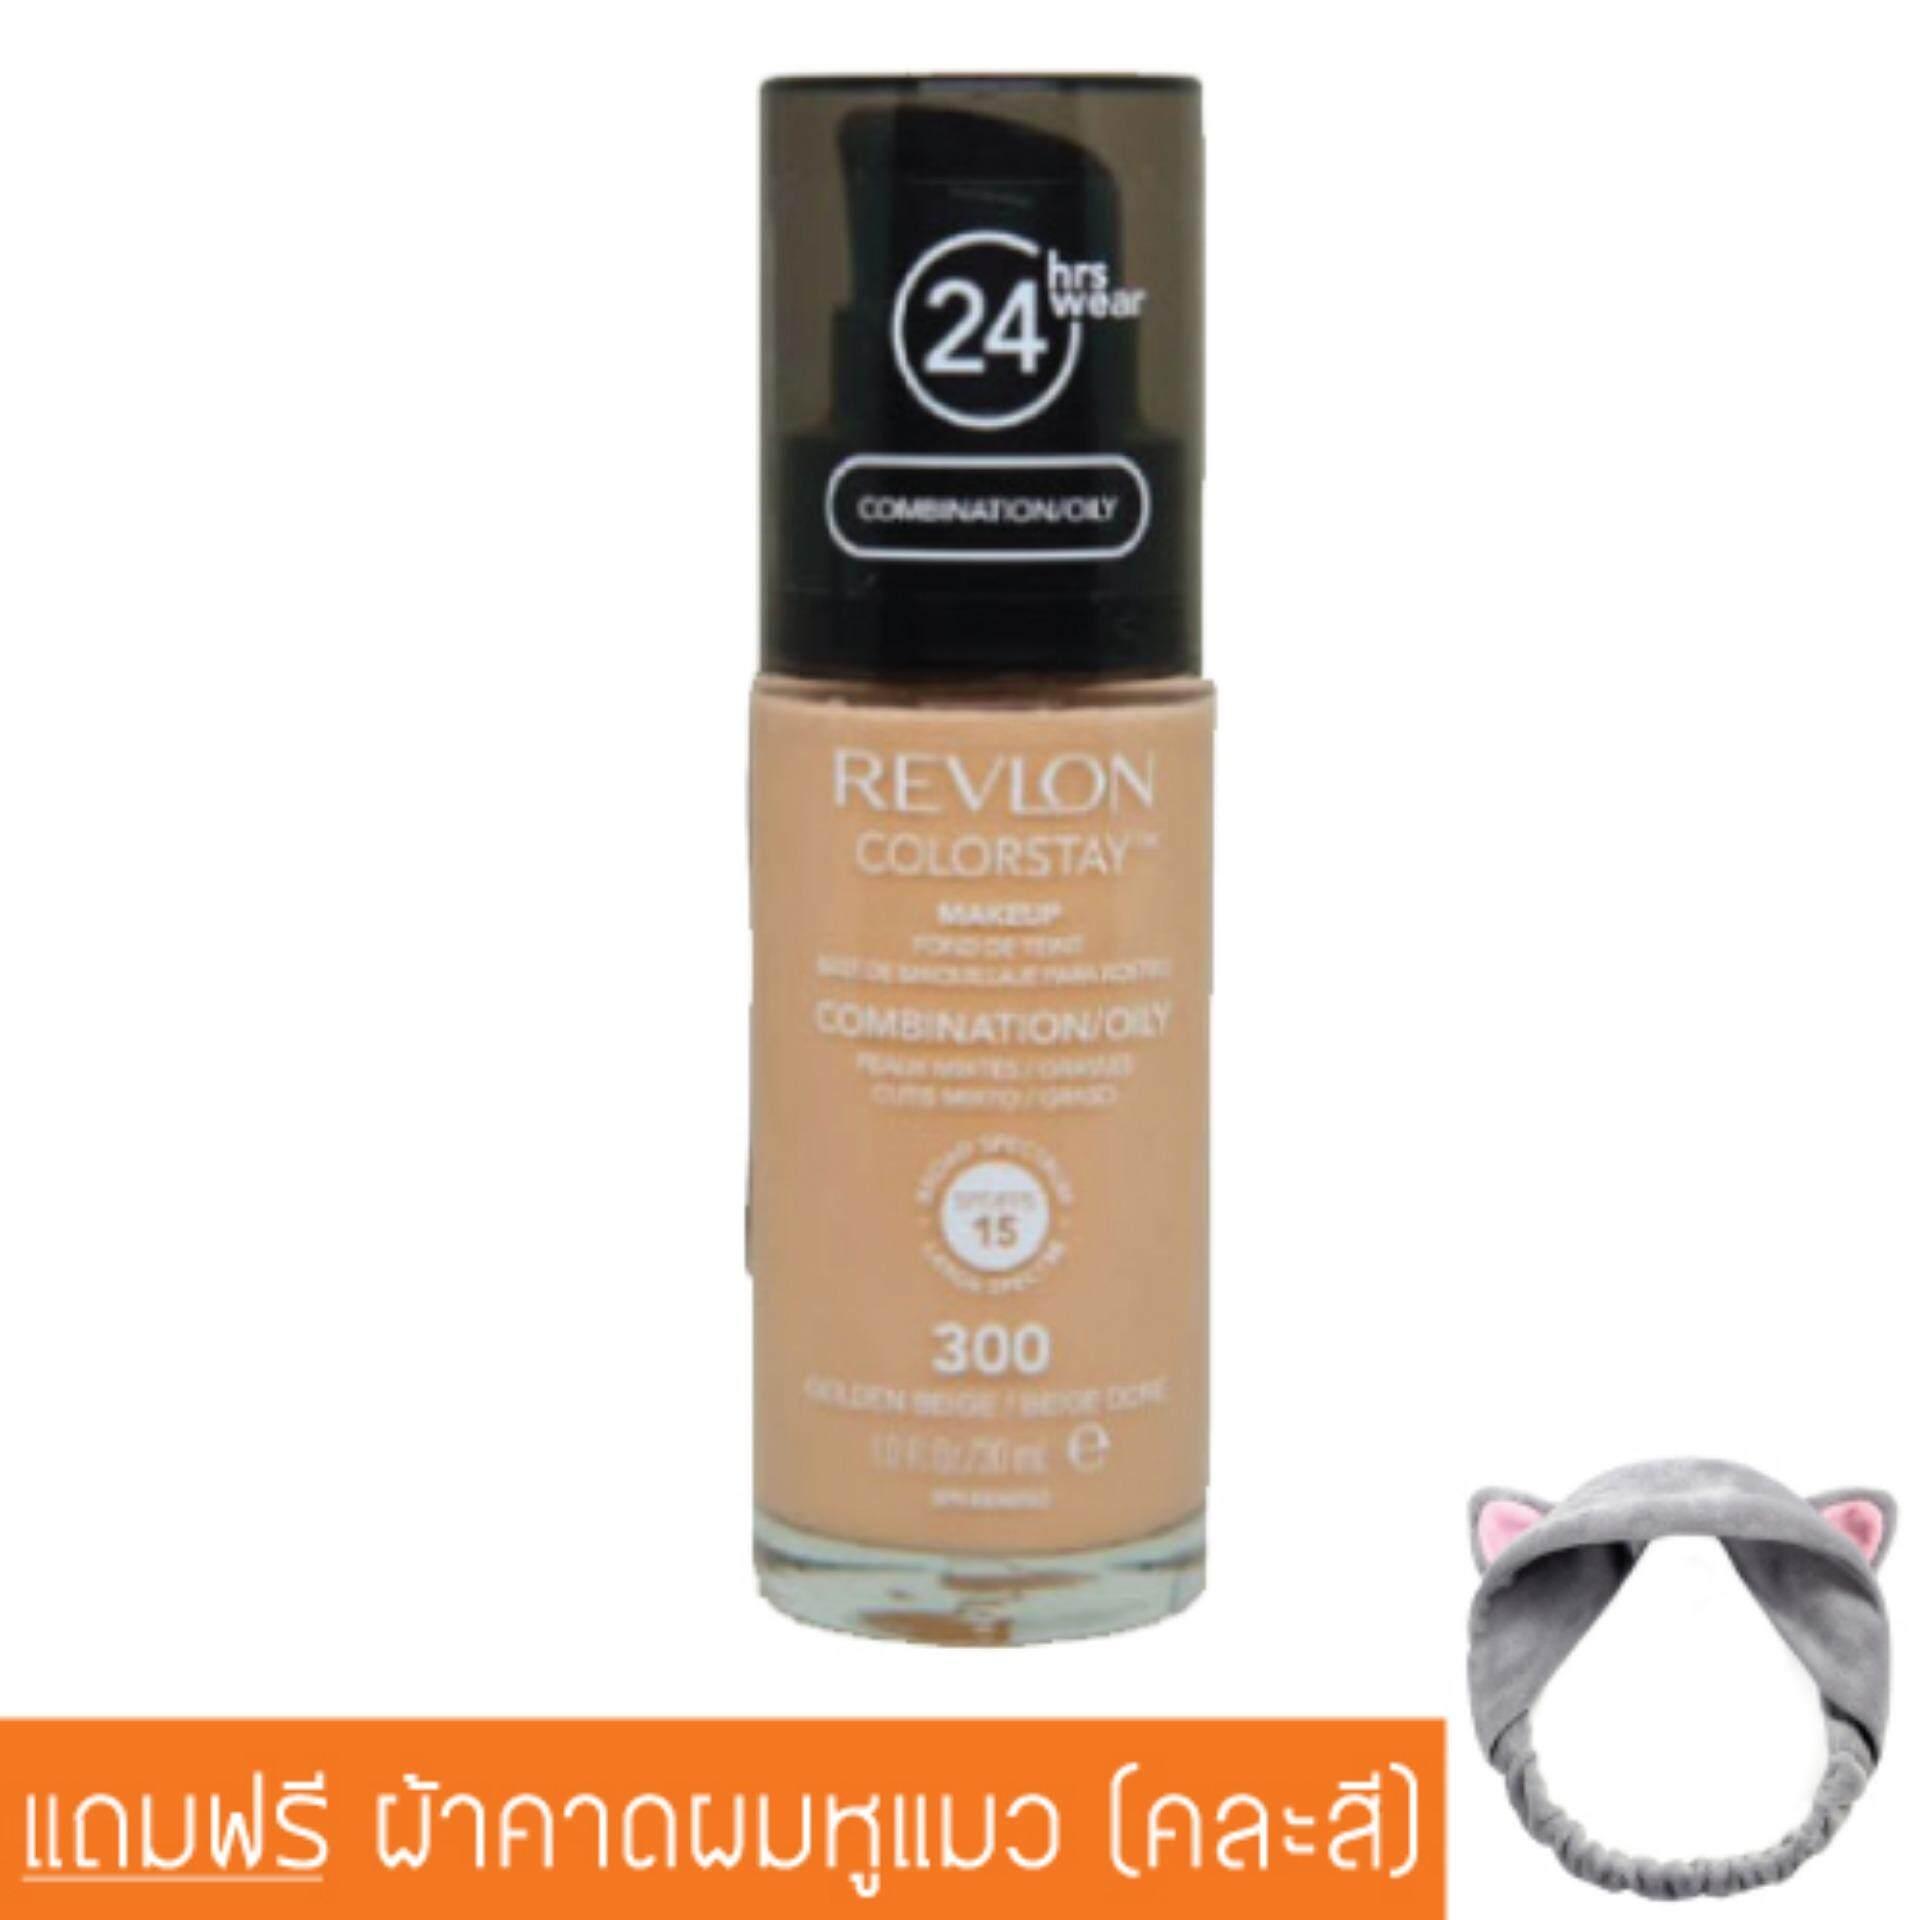 โปรโมชั่น Revlon Color Stay 300 Golden Beige ผลิตปี 2560 ใน กรุงเทพมหานคร